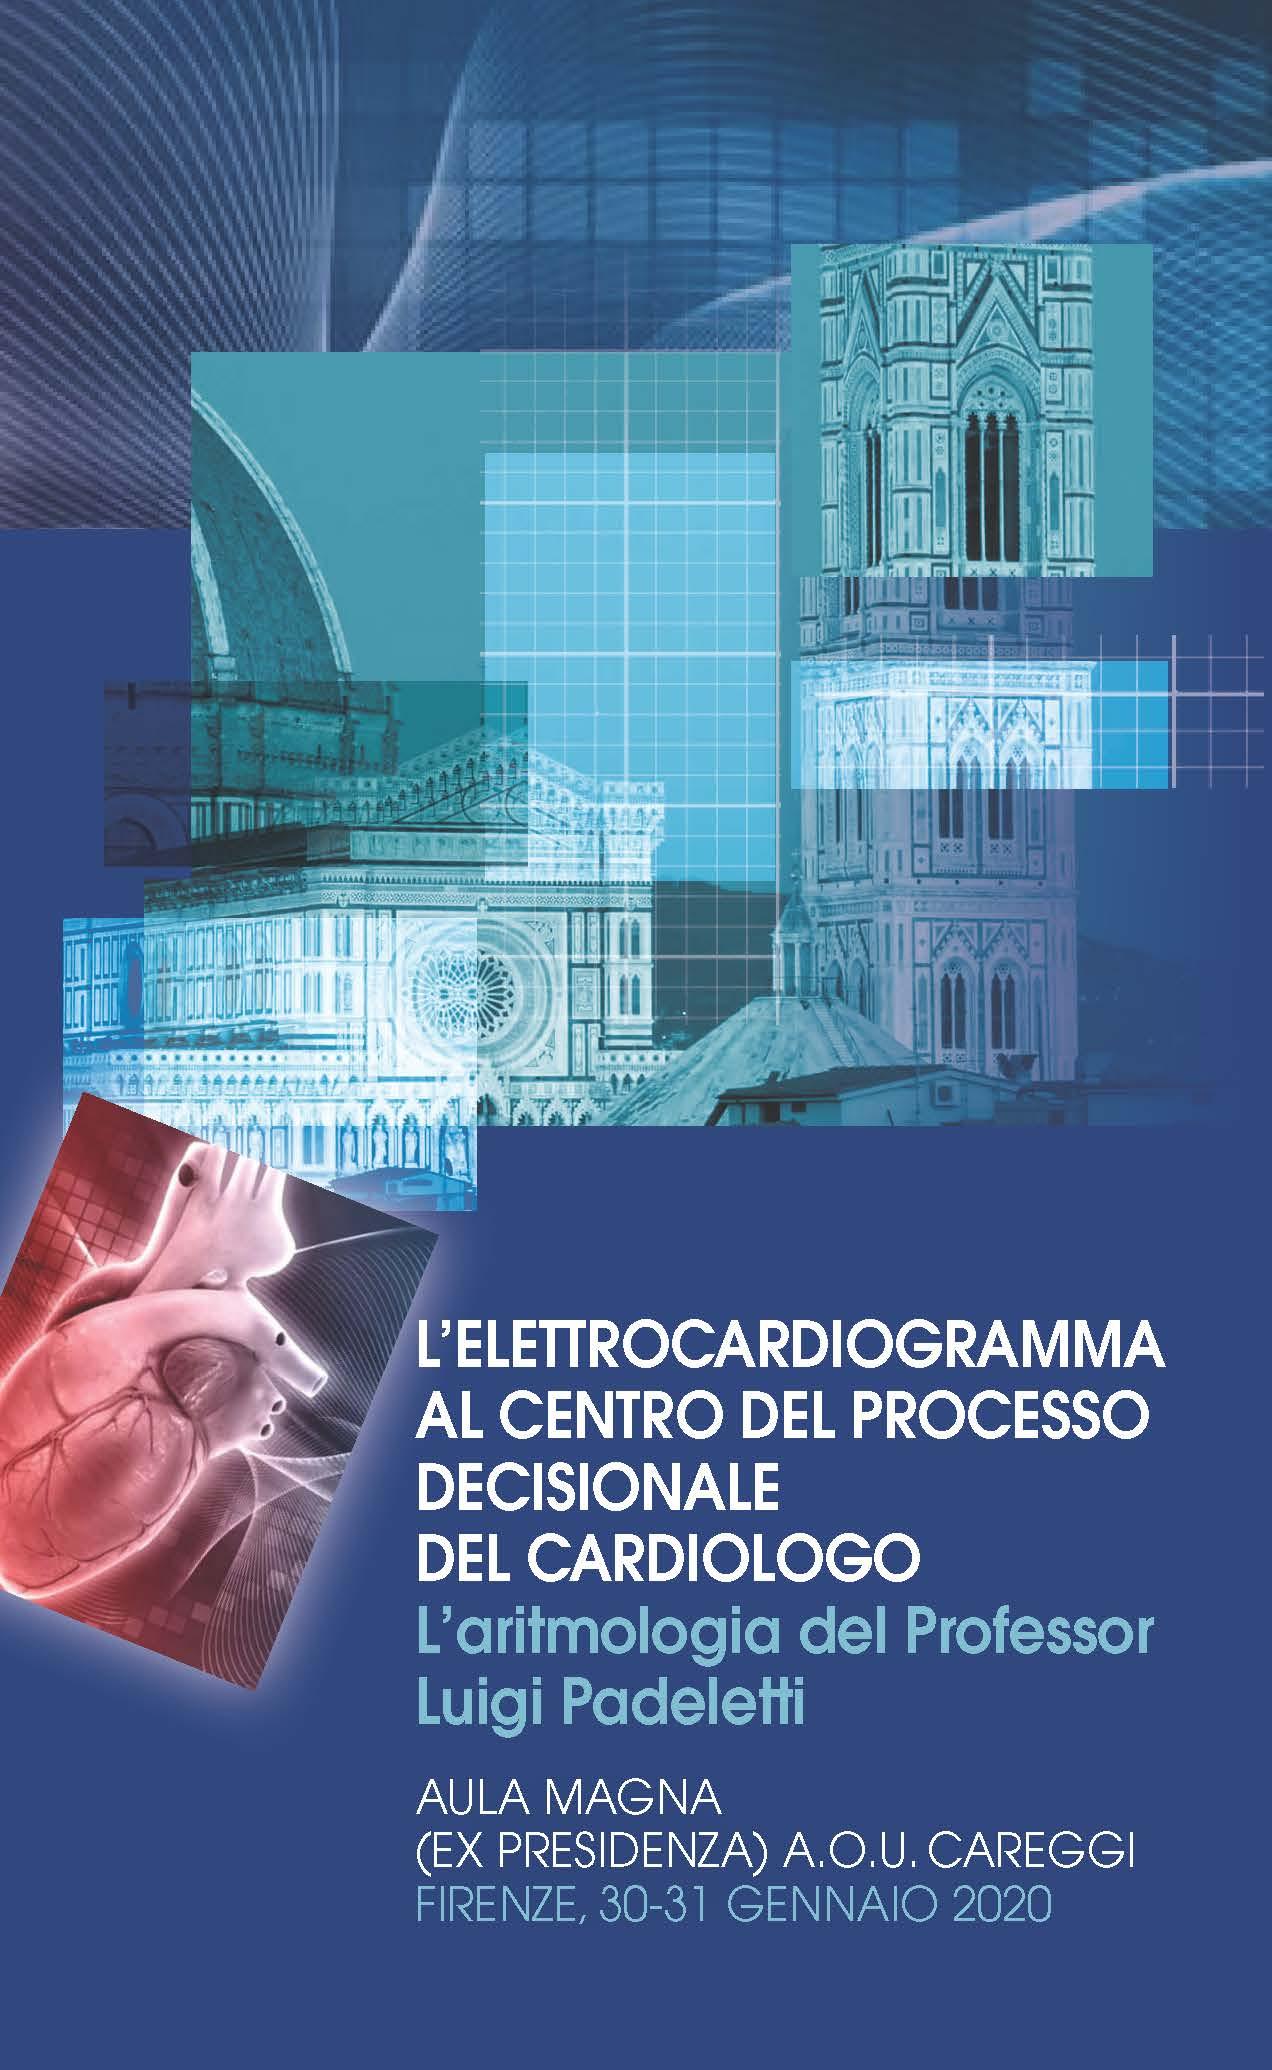 L'Elettrocardiogramma al centro del processo decisionale del Cardiologo